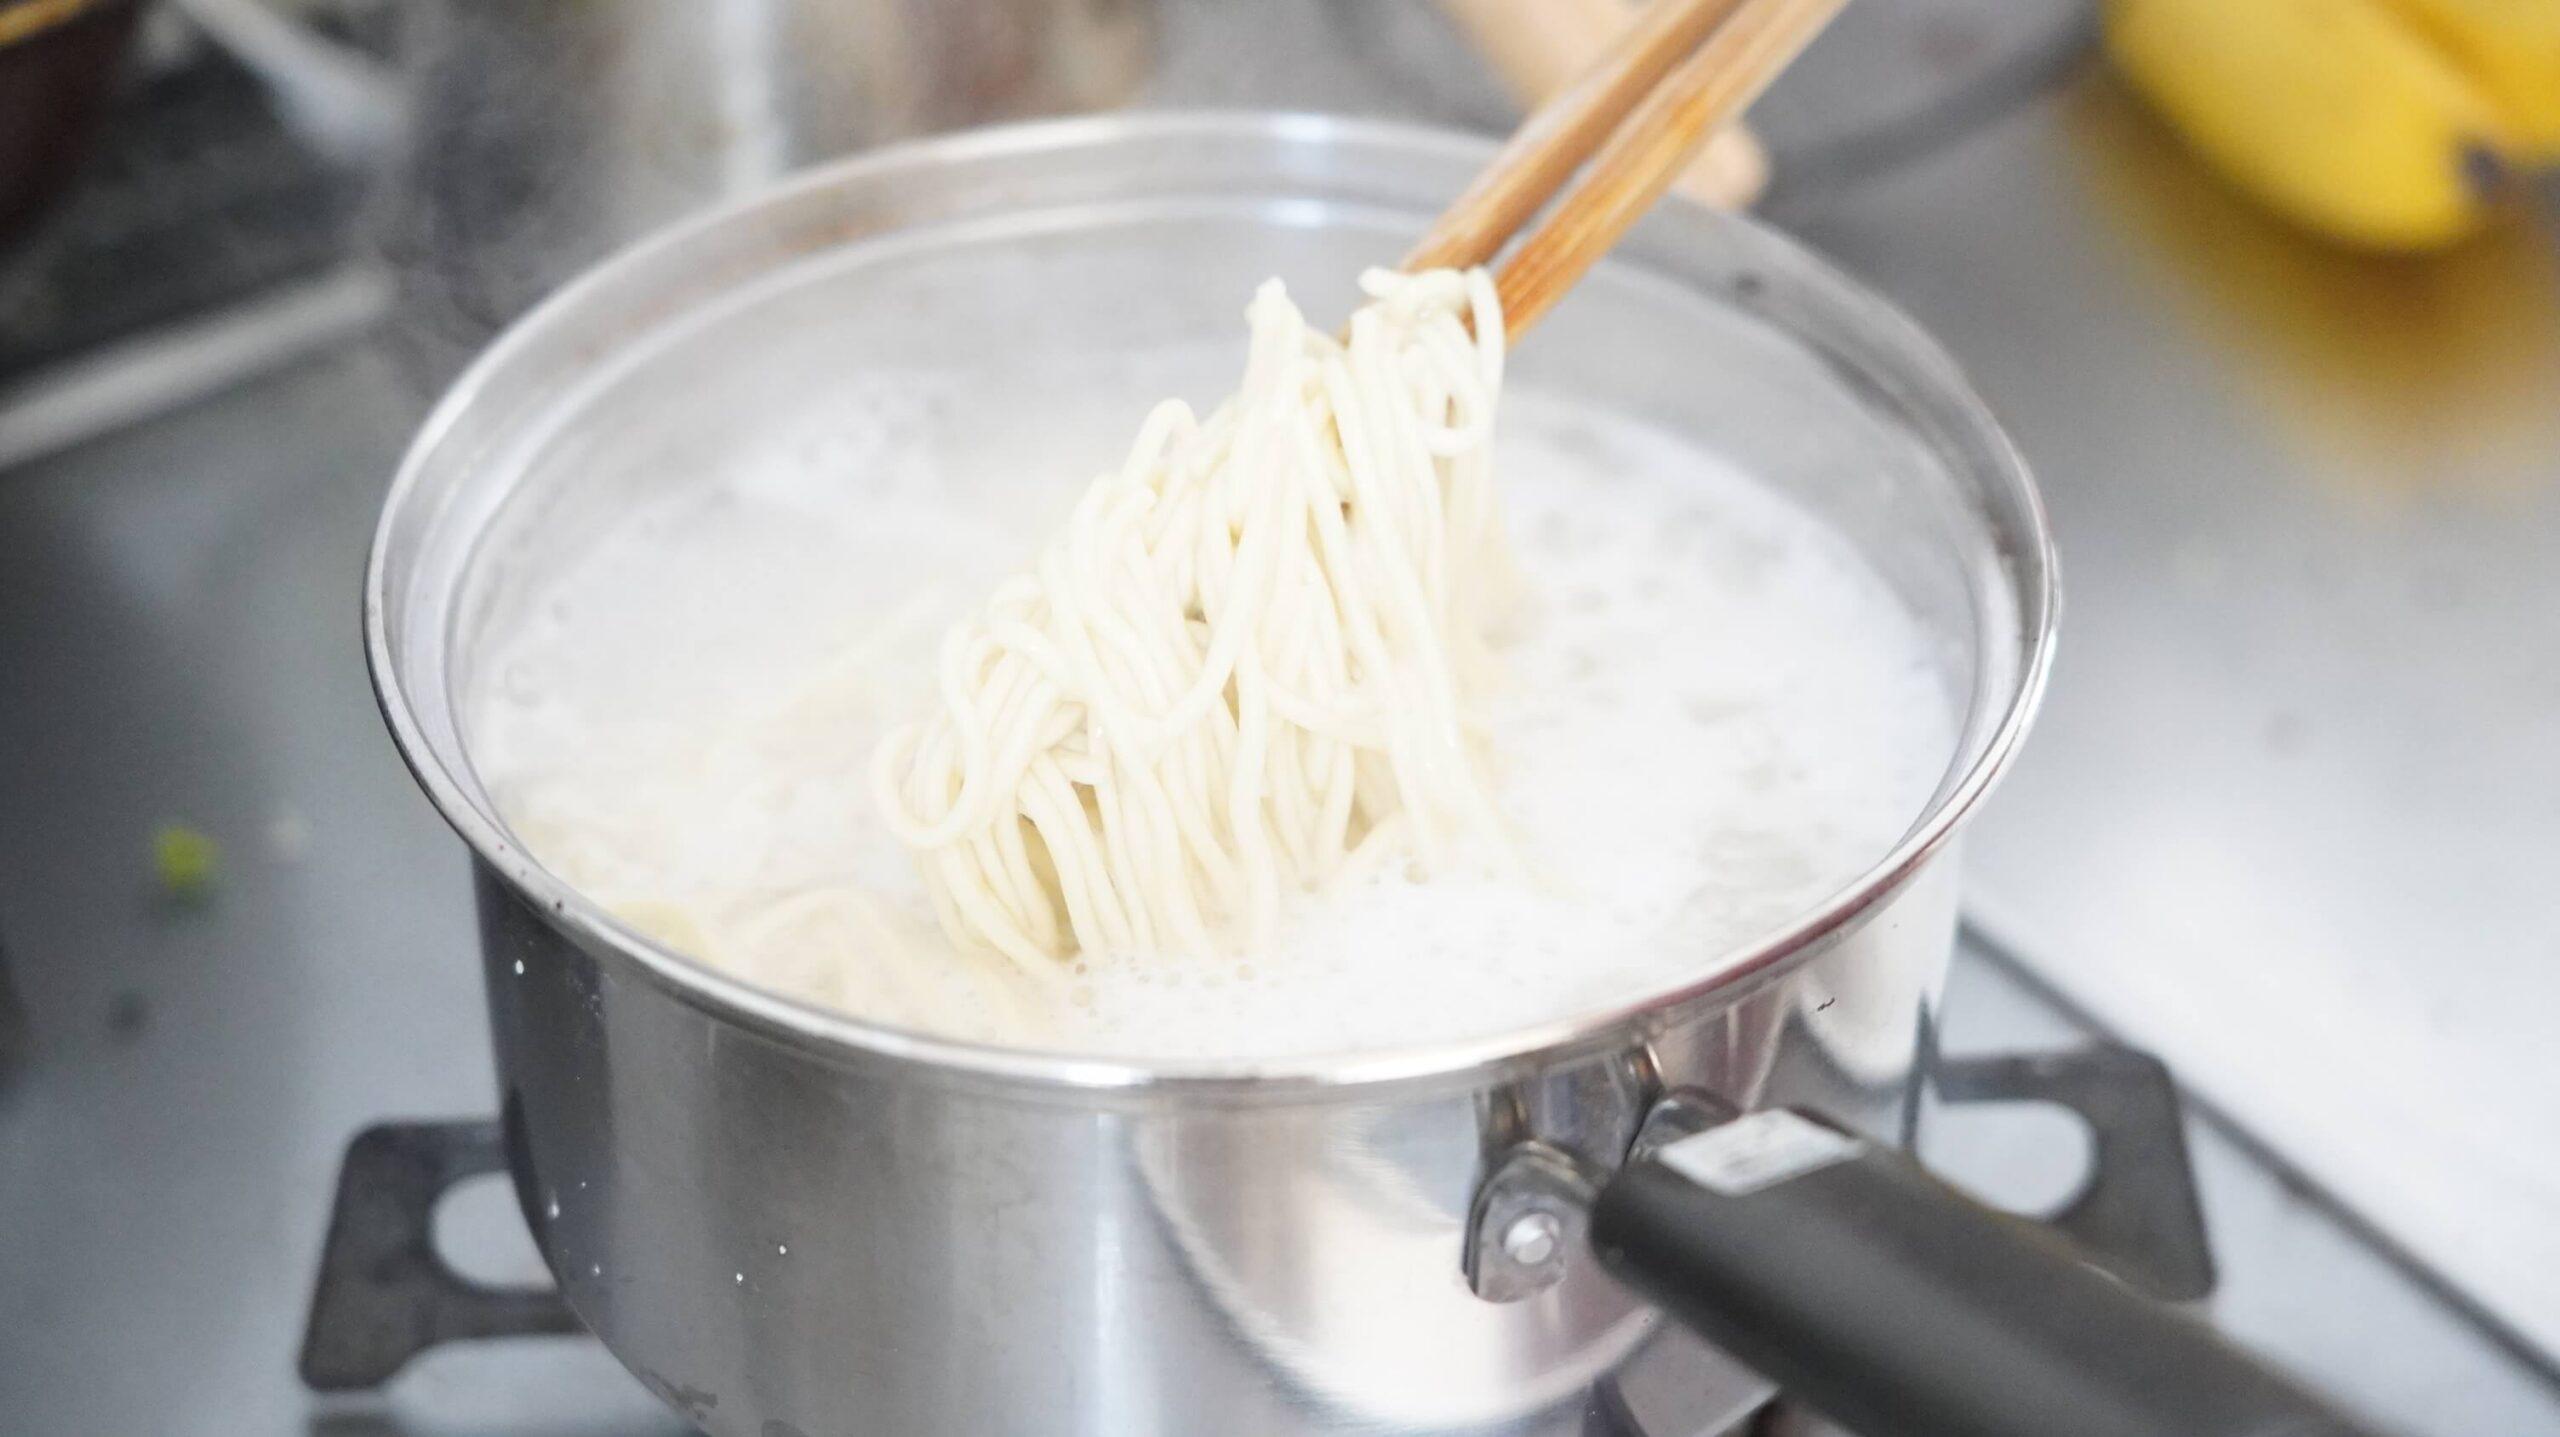 「なんつッ亭」の通販お取り寄せ用ラーメンの麺の写真